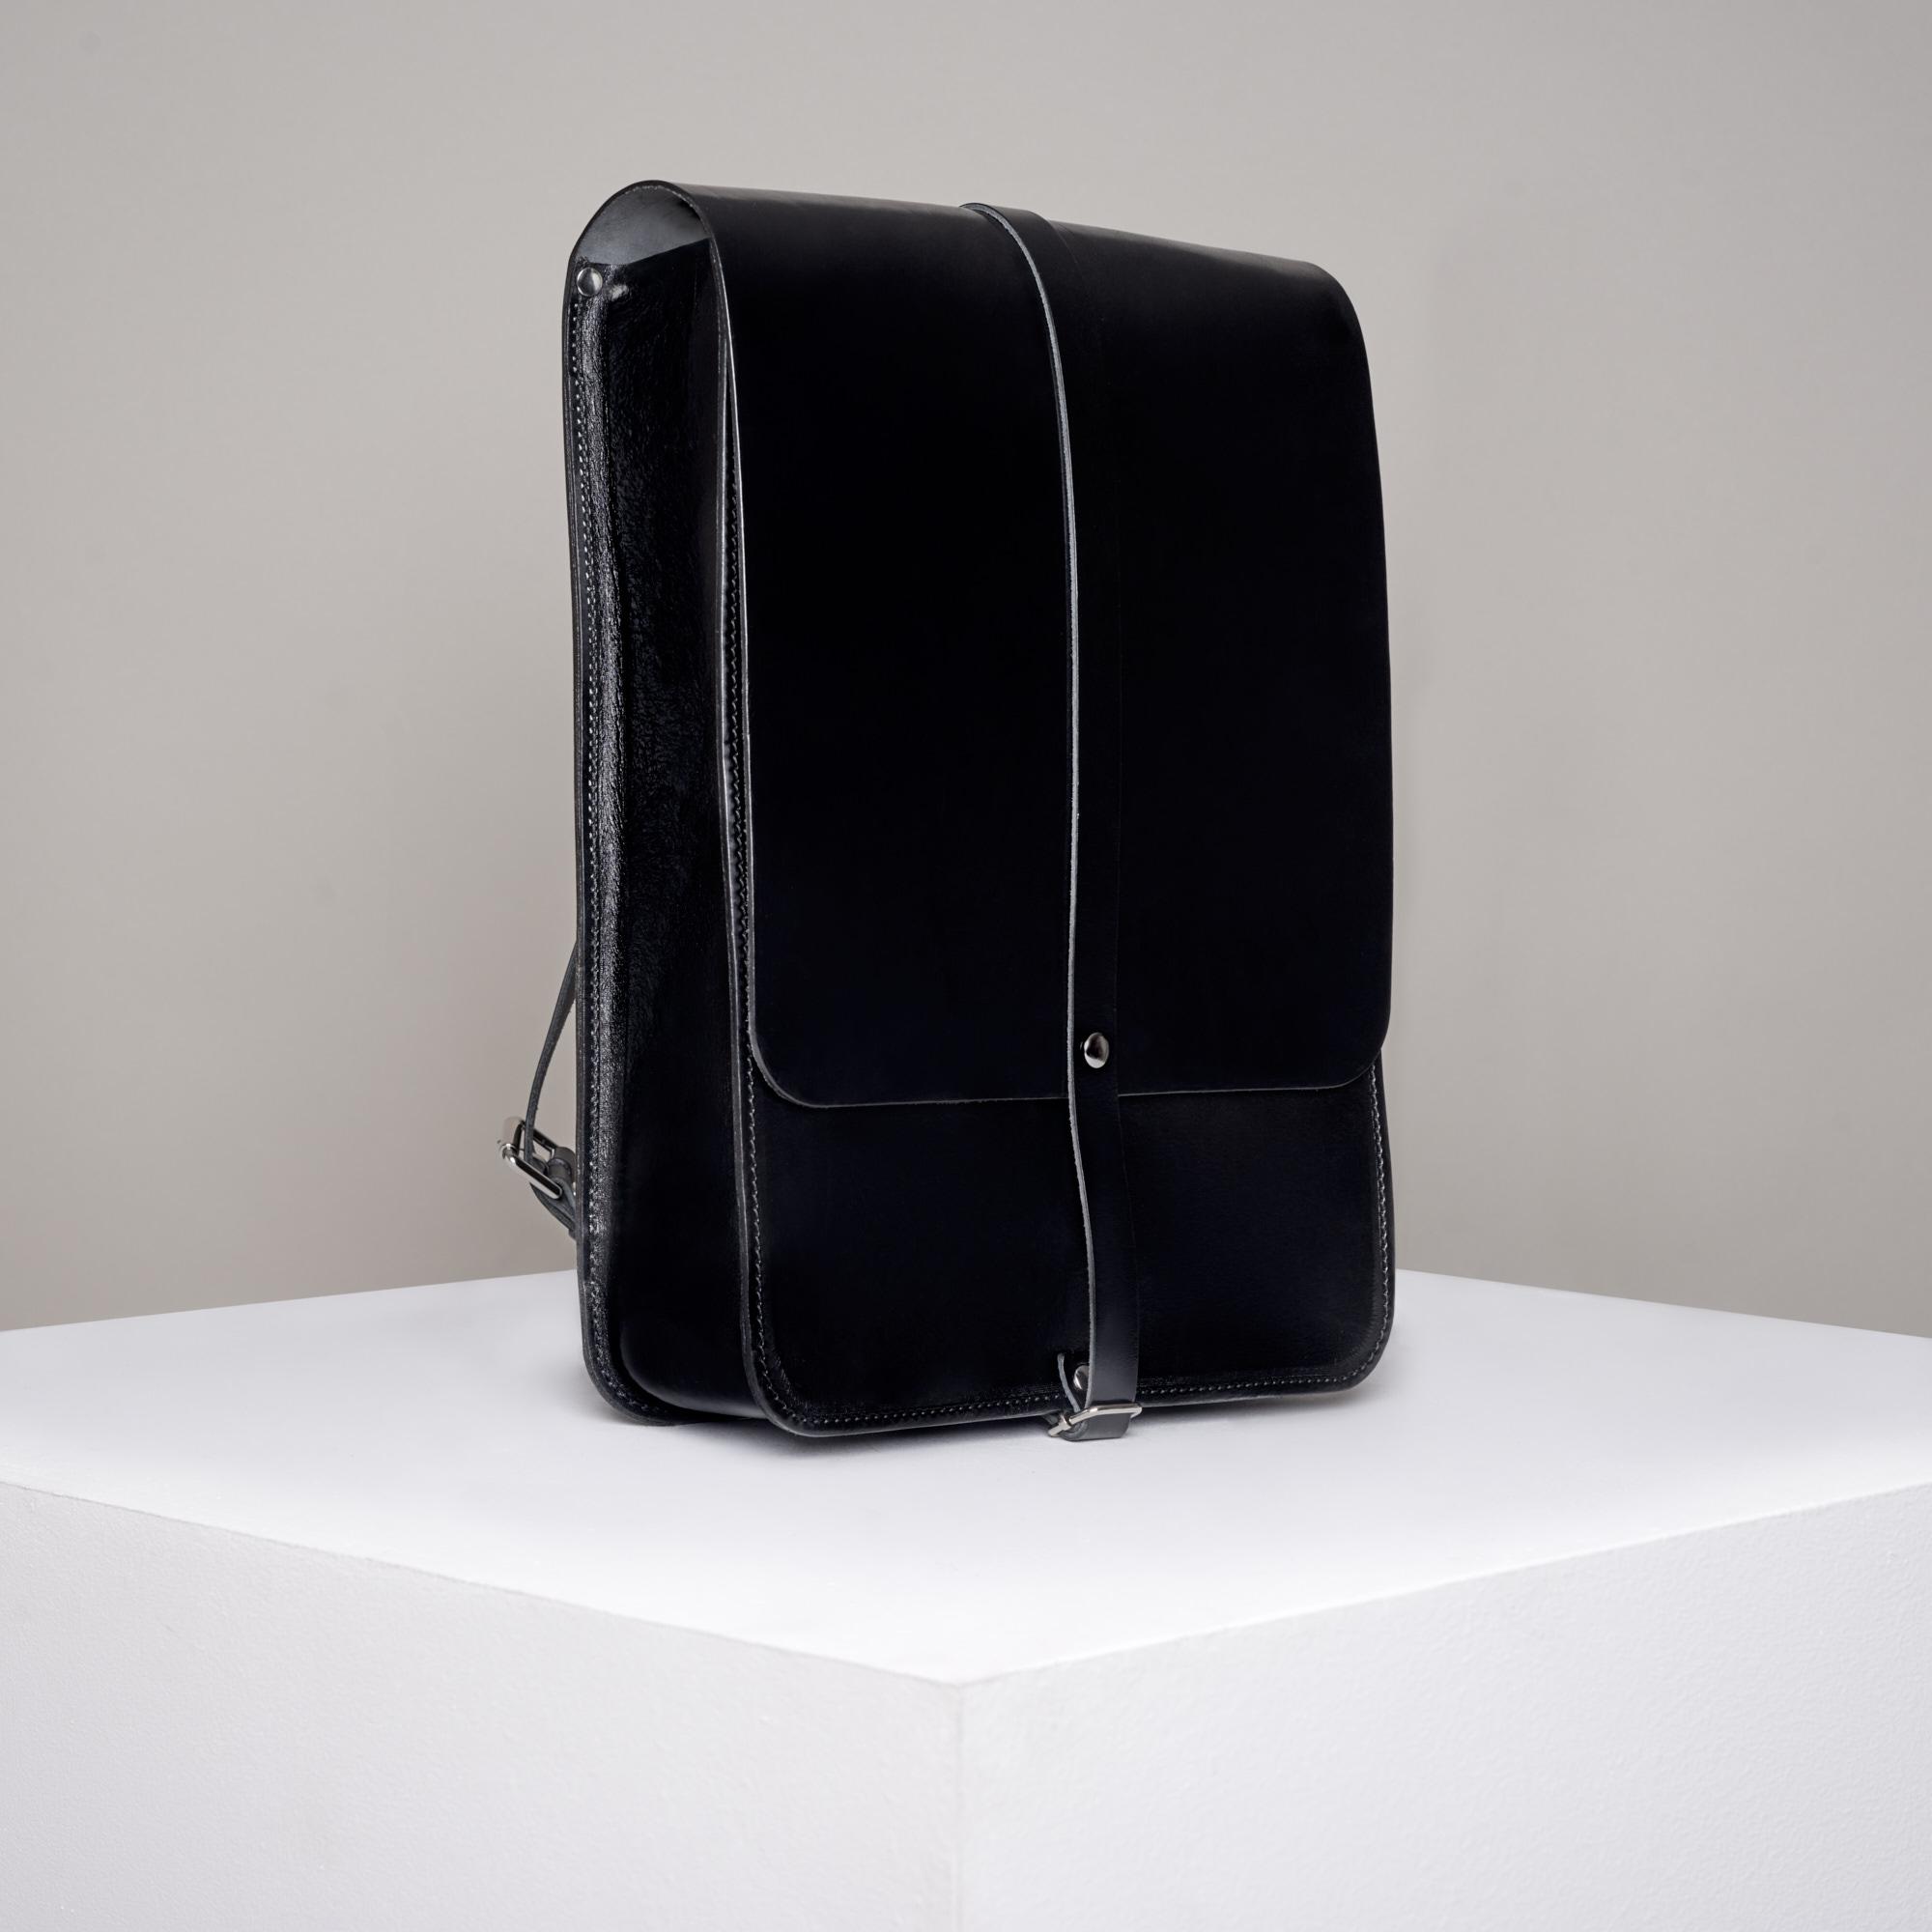 Plecak XL - Departament.Store